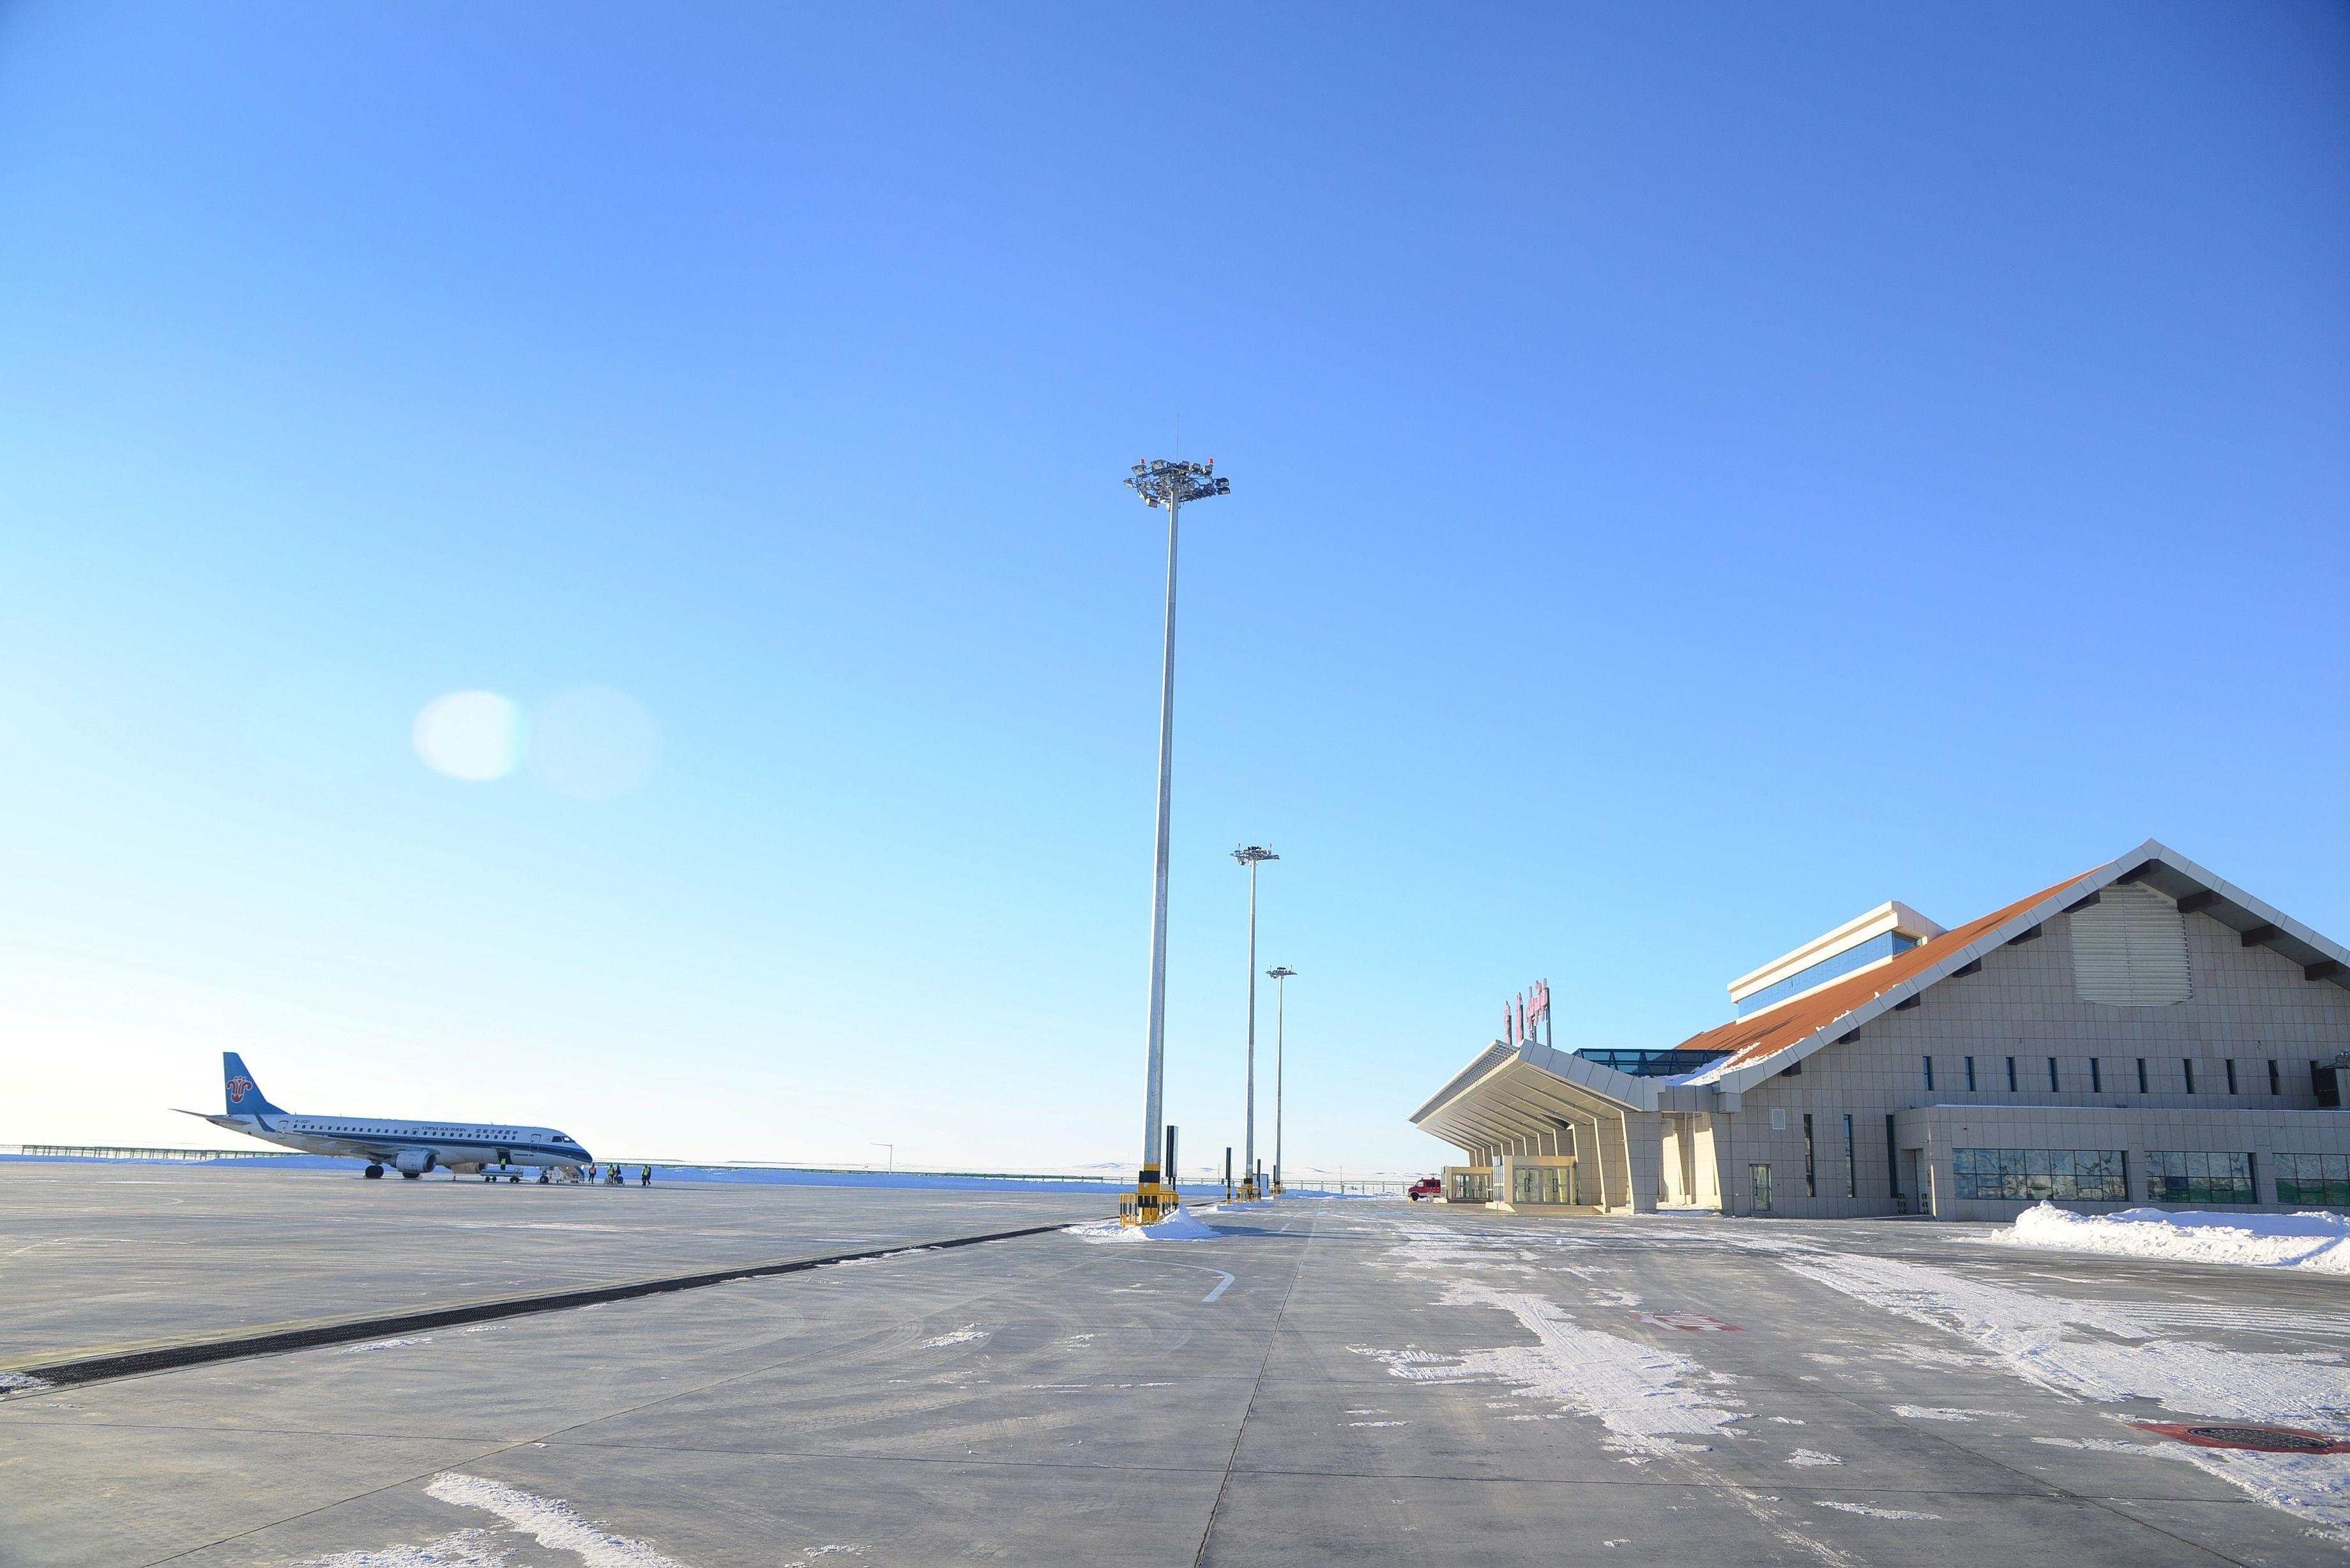 因跑道积冰 富蕴机场跑道关闭至15点